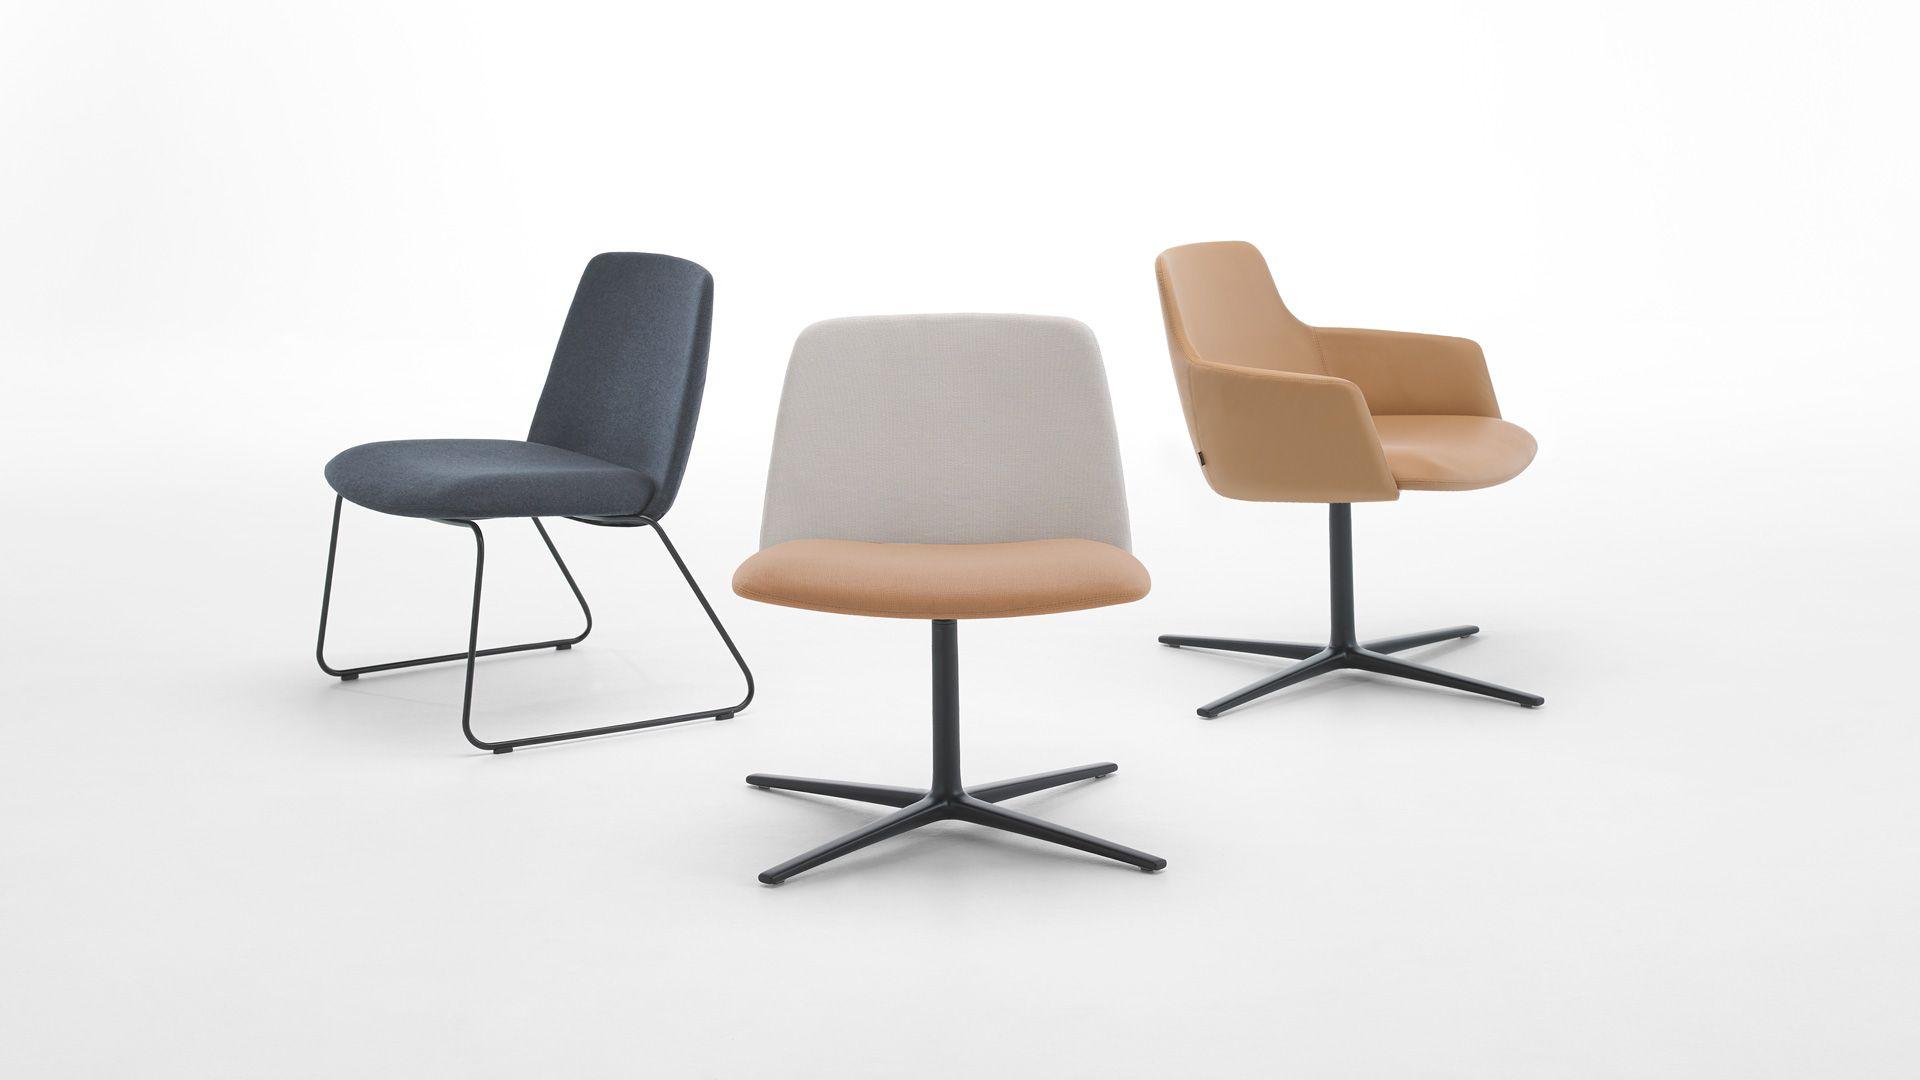 https://www.havic-kantoormeubelen.nl/ - Nia fauteuils - design kantoormeubelen - projectinrichting - design